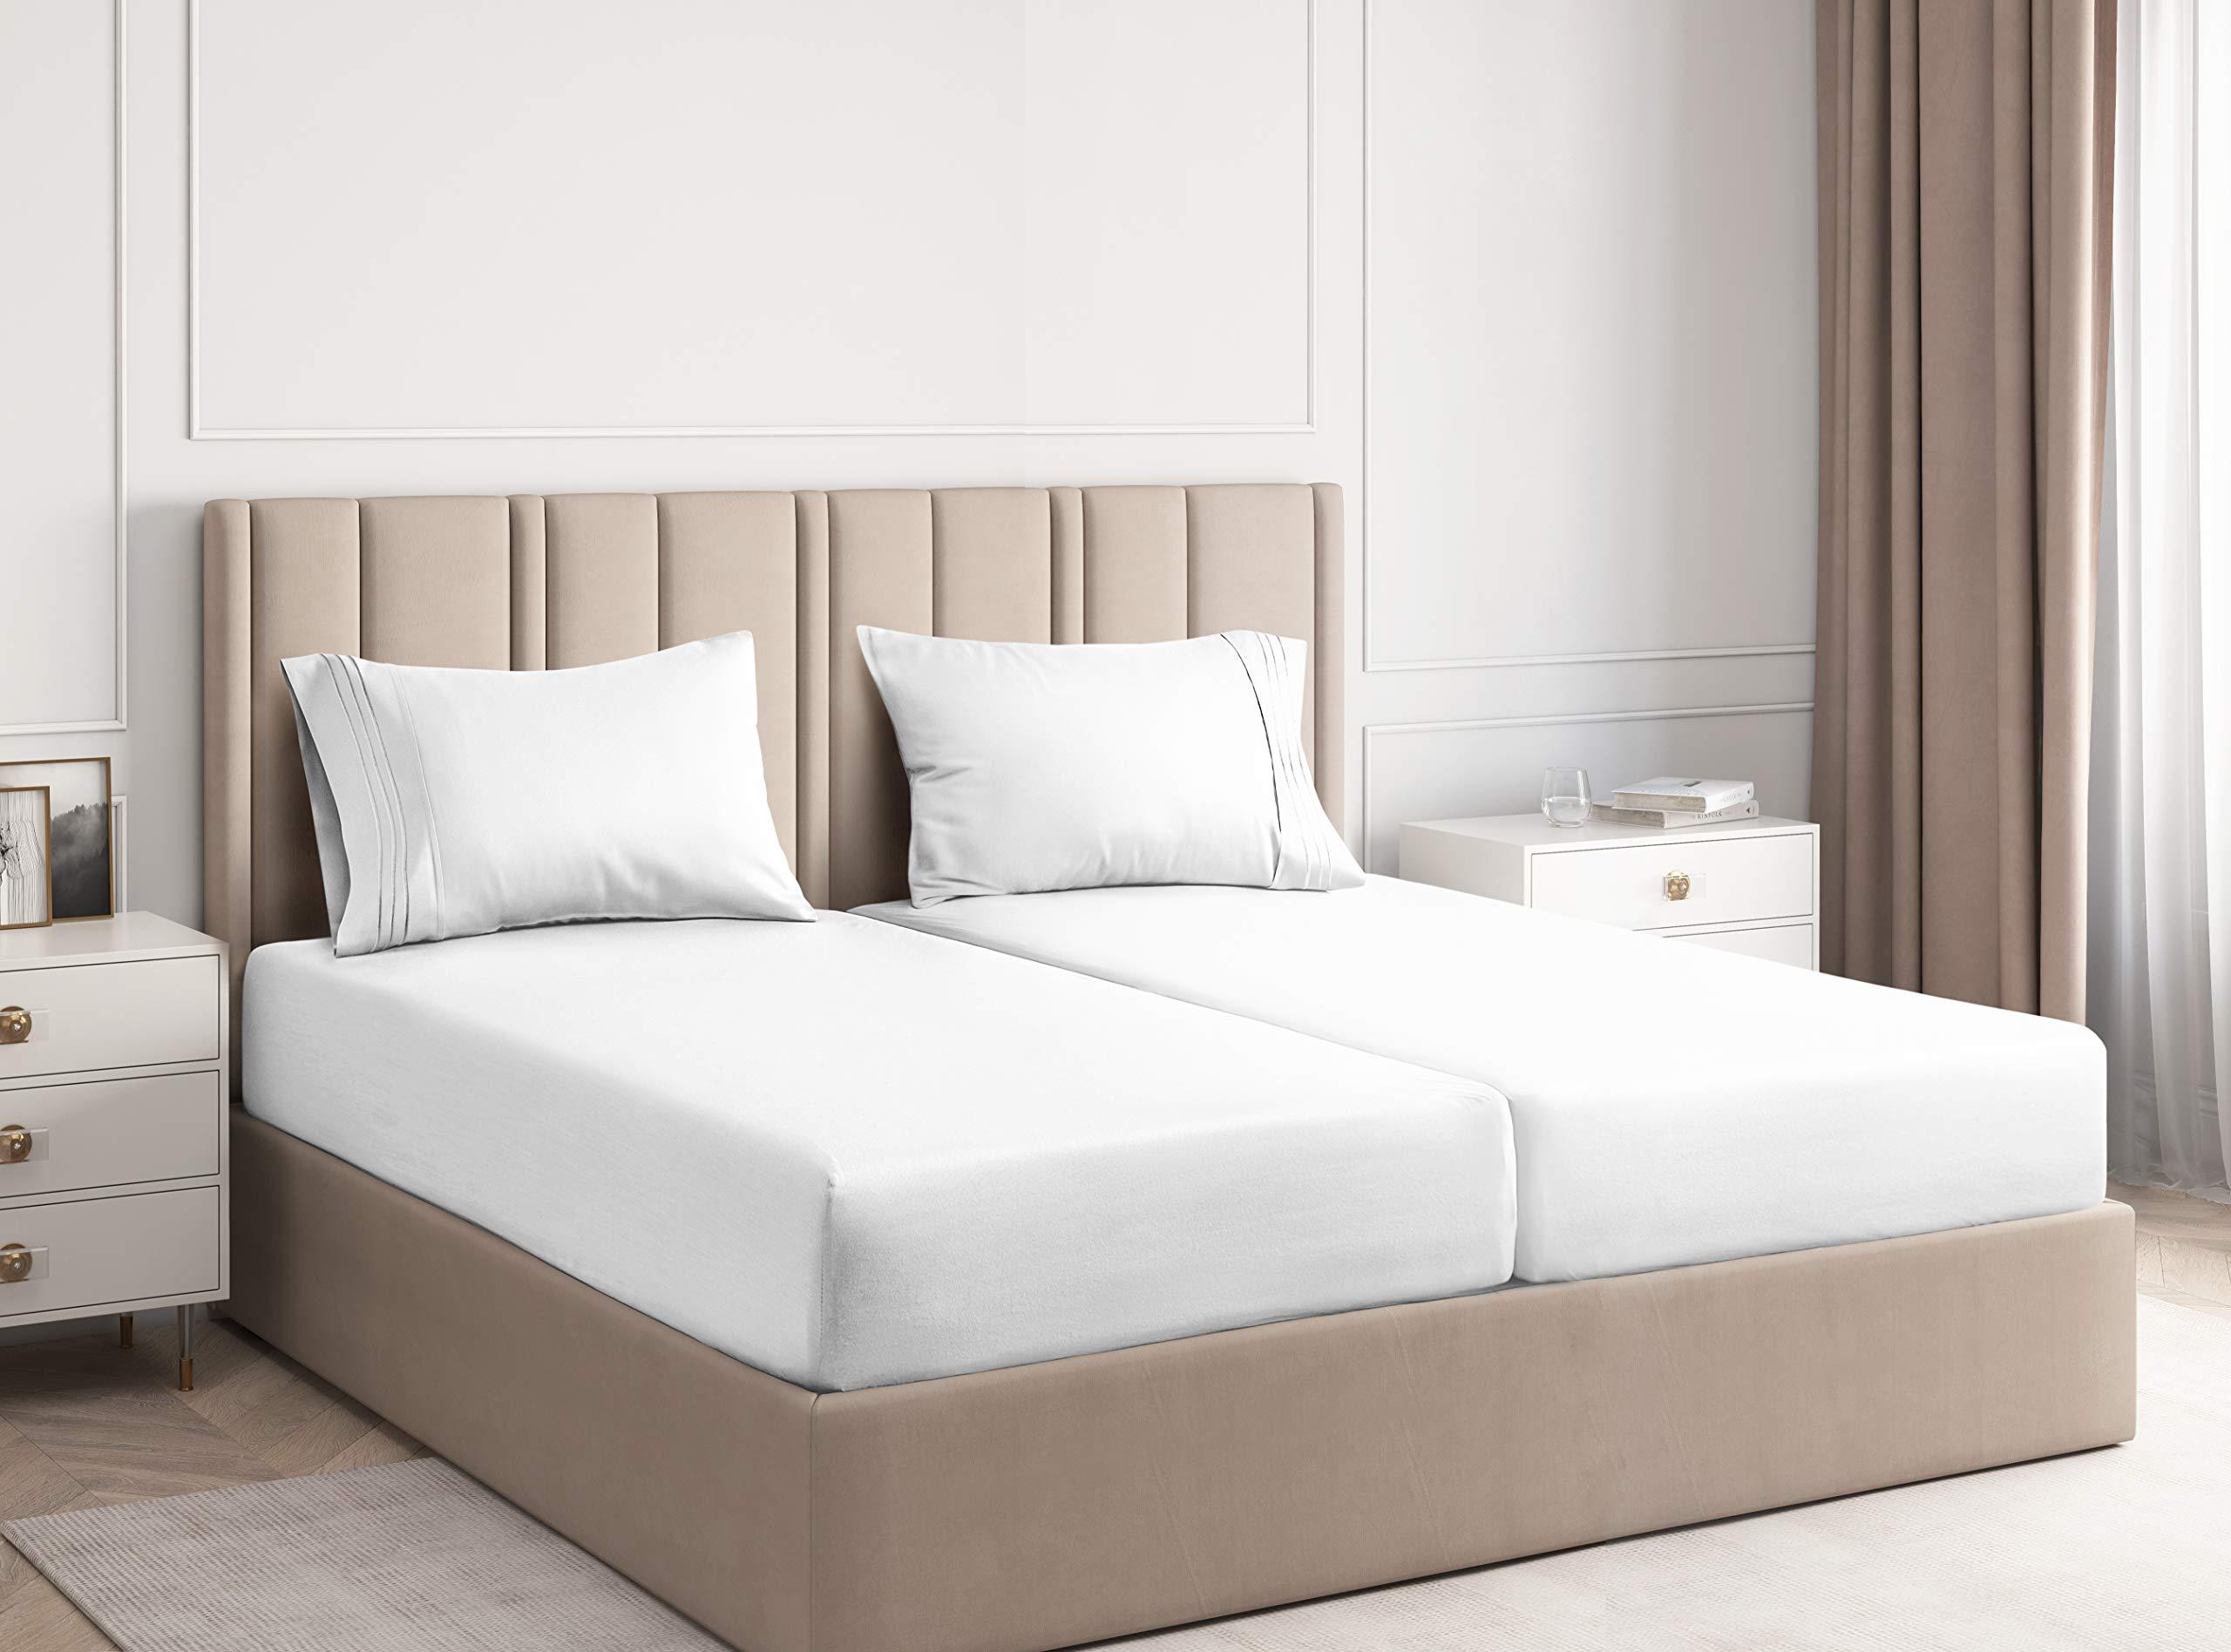 Split King Sheets for Adjustable Beds - Split King Adjustable Bed for Adjustable  Mattress - Split King Sheet Sets For Adjustable Beds Deep Pocket - Deep  Pocket Split King Sheets - Adjustable